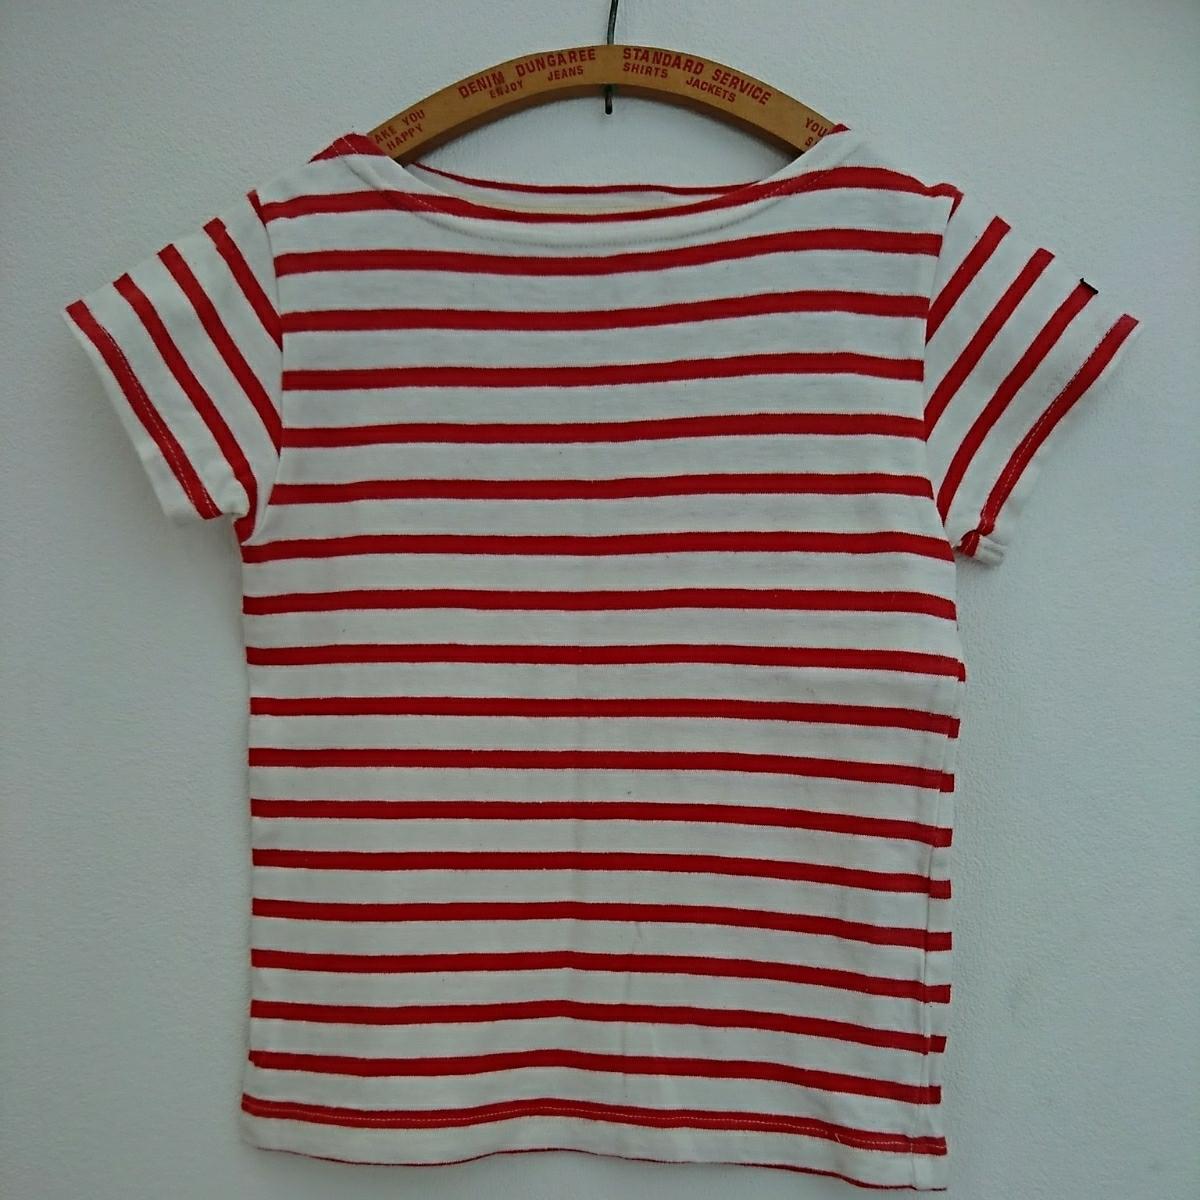 DENIM DUNGAREE ボーダーTシャツ 120 レッド FITH ゴートゥーハリウッド GO TO HOLLYWOOD デニム&ダンガリー 半袖 カットソー